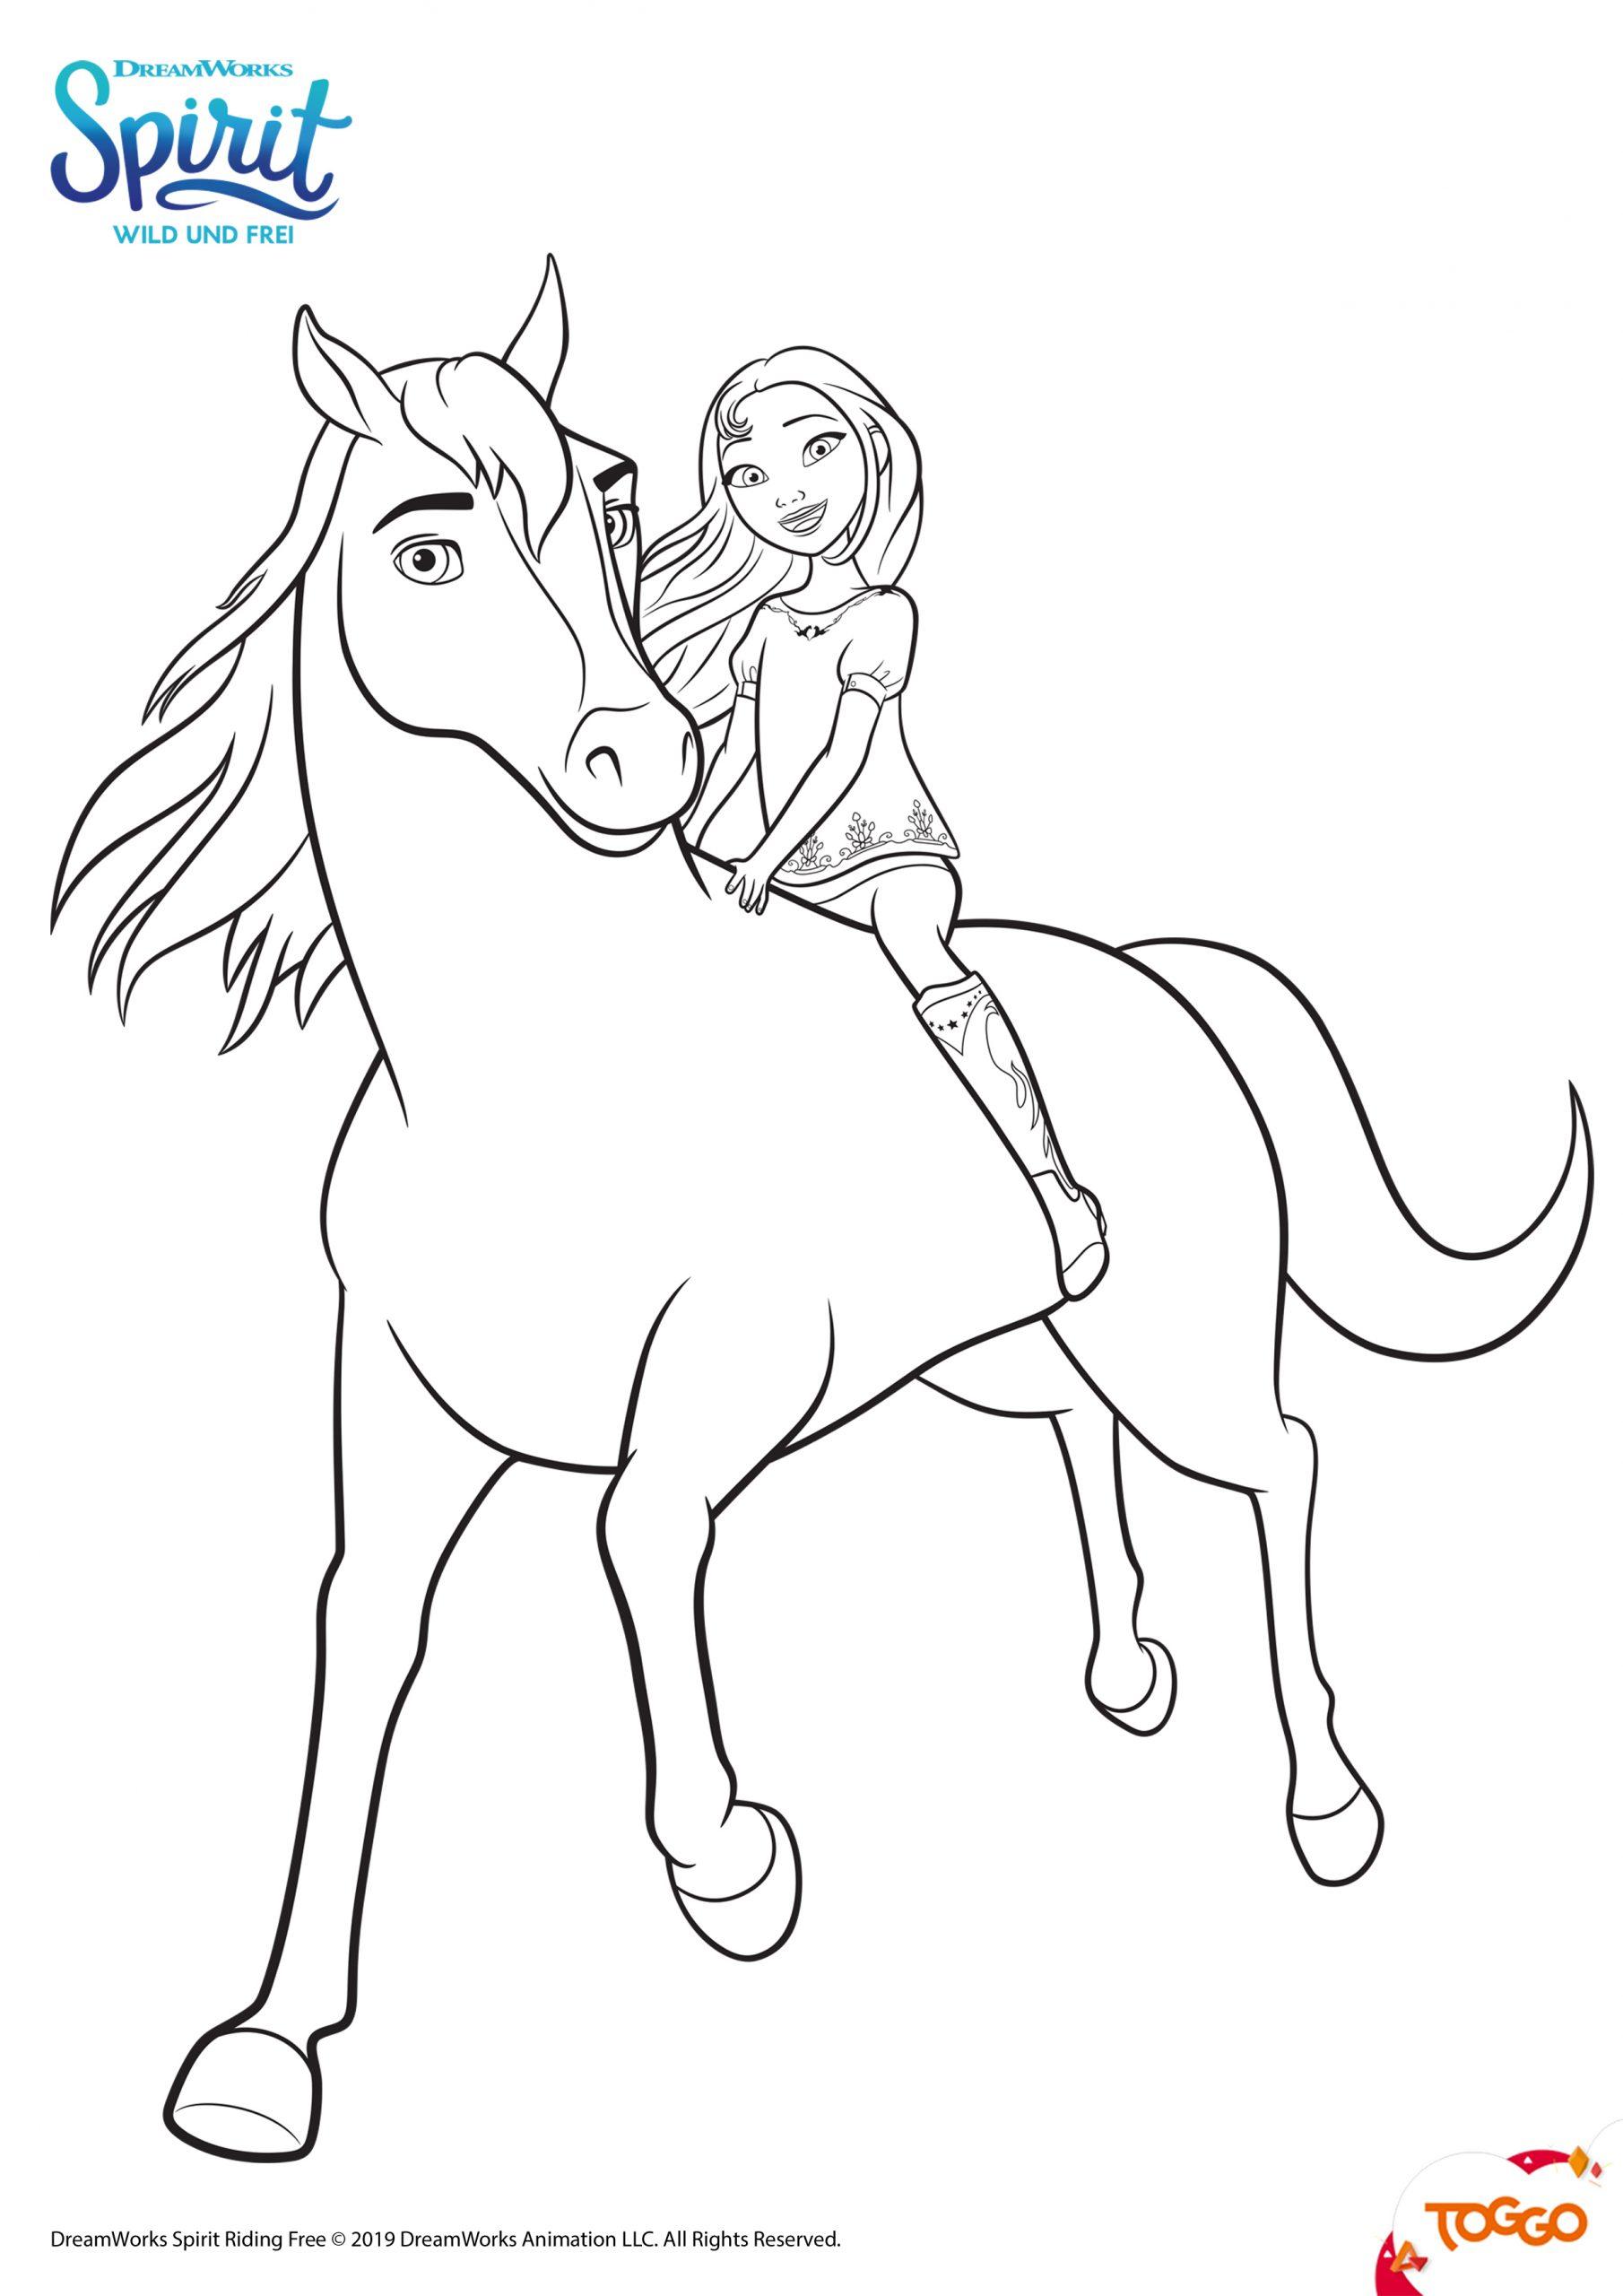 Spirit Ausmalbilder | Mytoys-Blog für Pferde Bilder Zum Ausmalen Und Ausdrucken Kostenlos